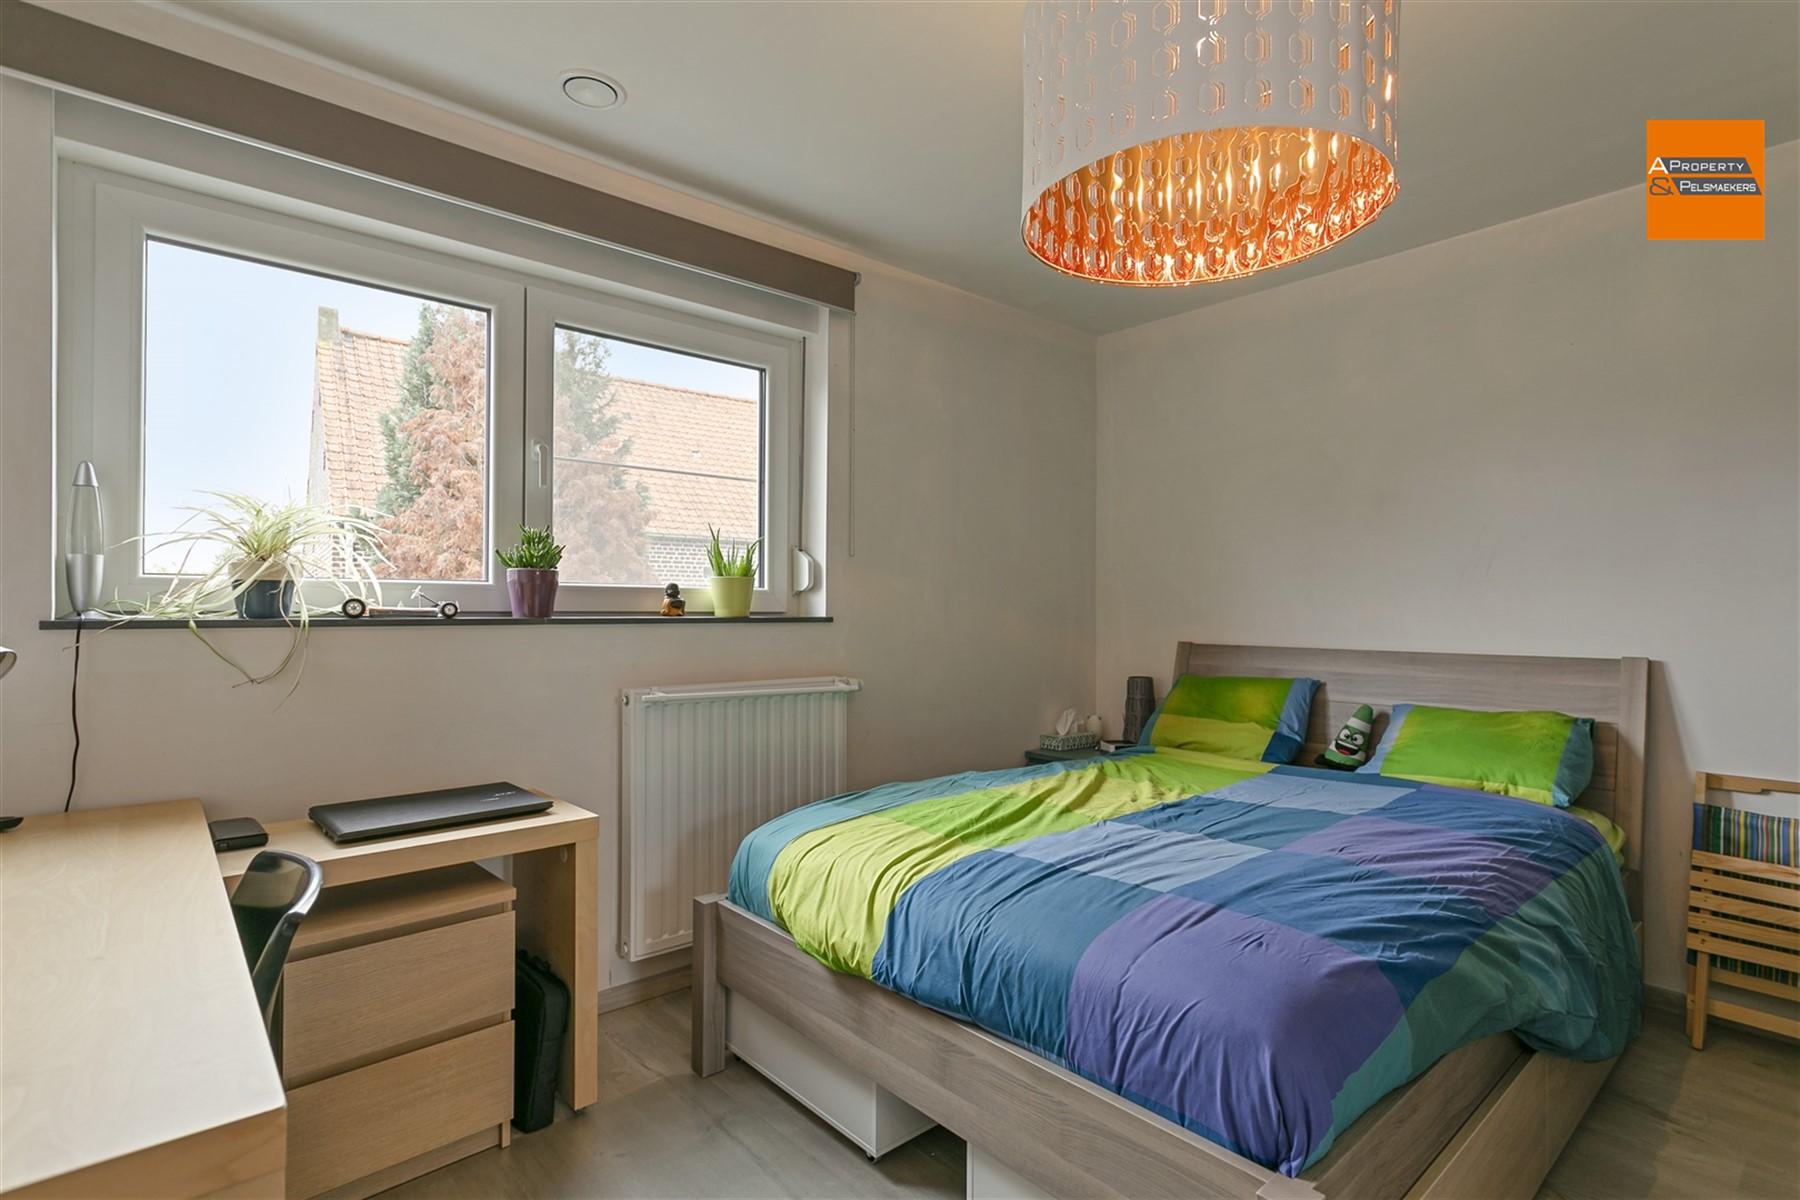 Foto 17 : Huis in 3071 ERPS-KWERPS (België) - Prijs € 650.000